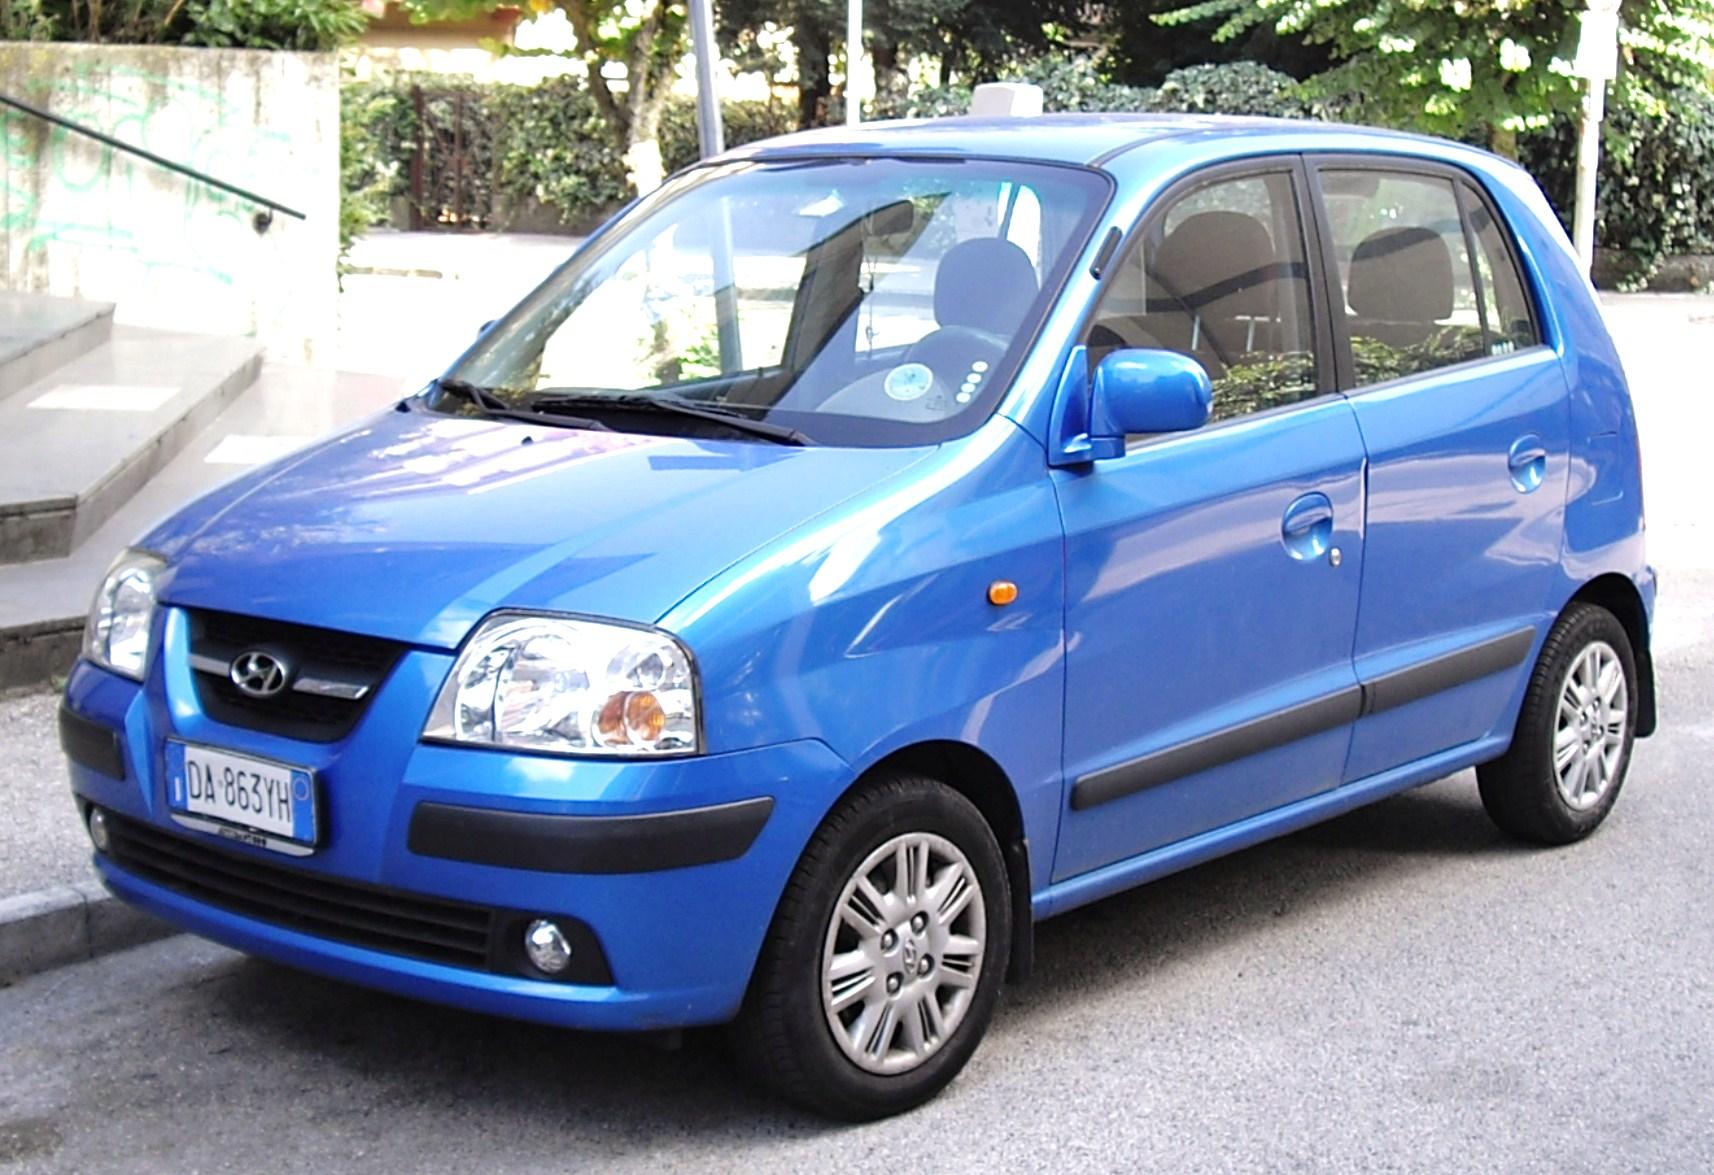 Hyundai Atos Technische Daten Und Verbrauch